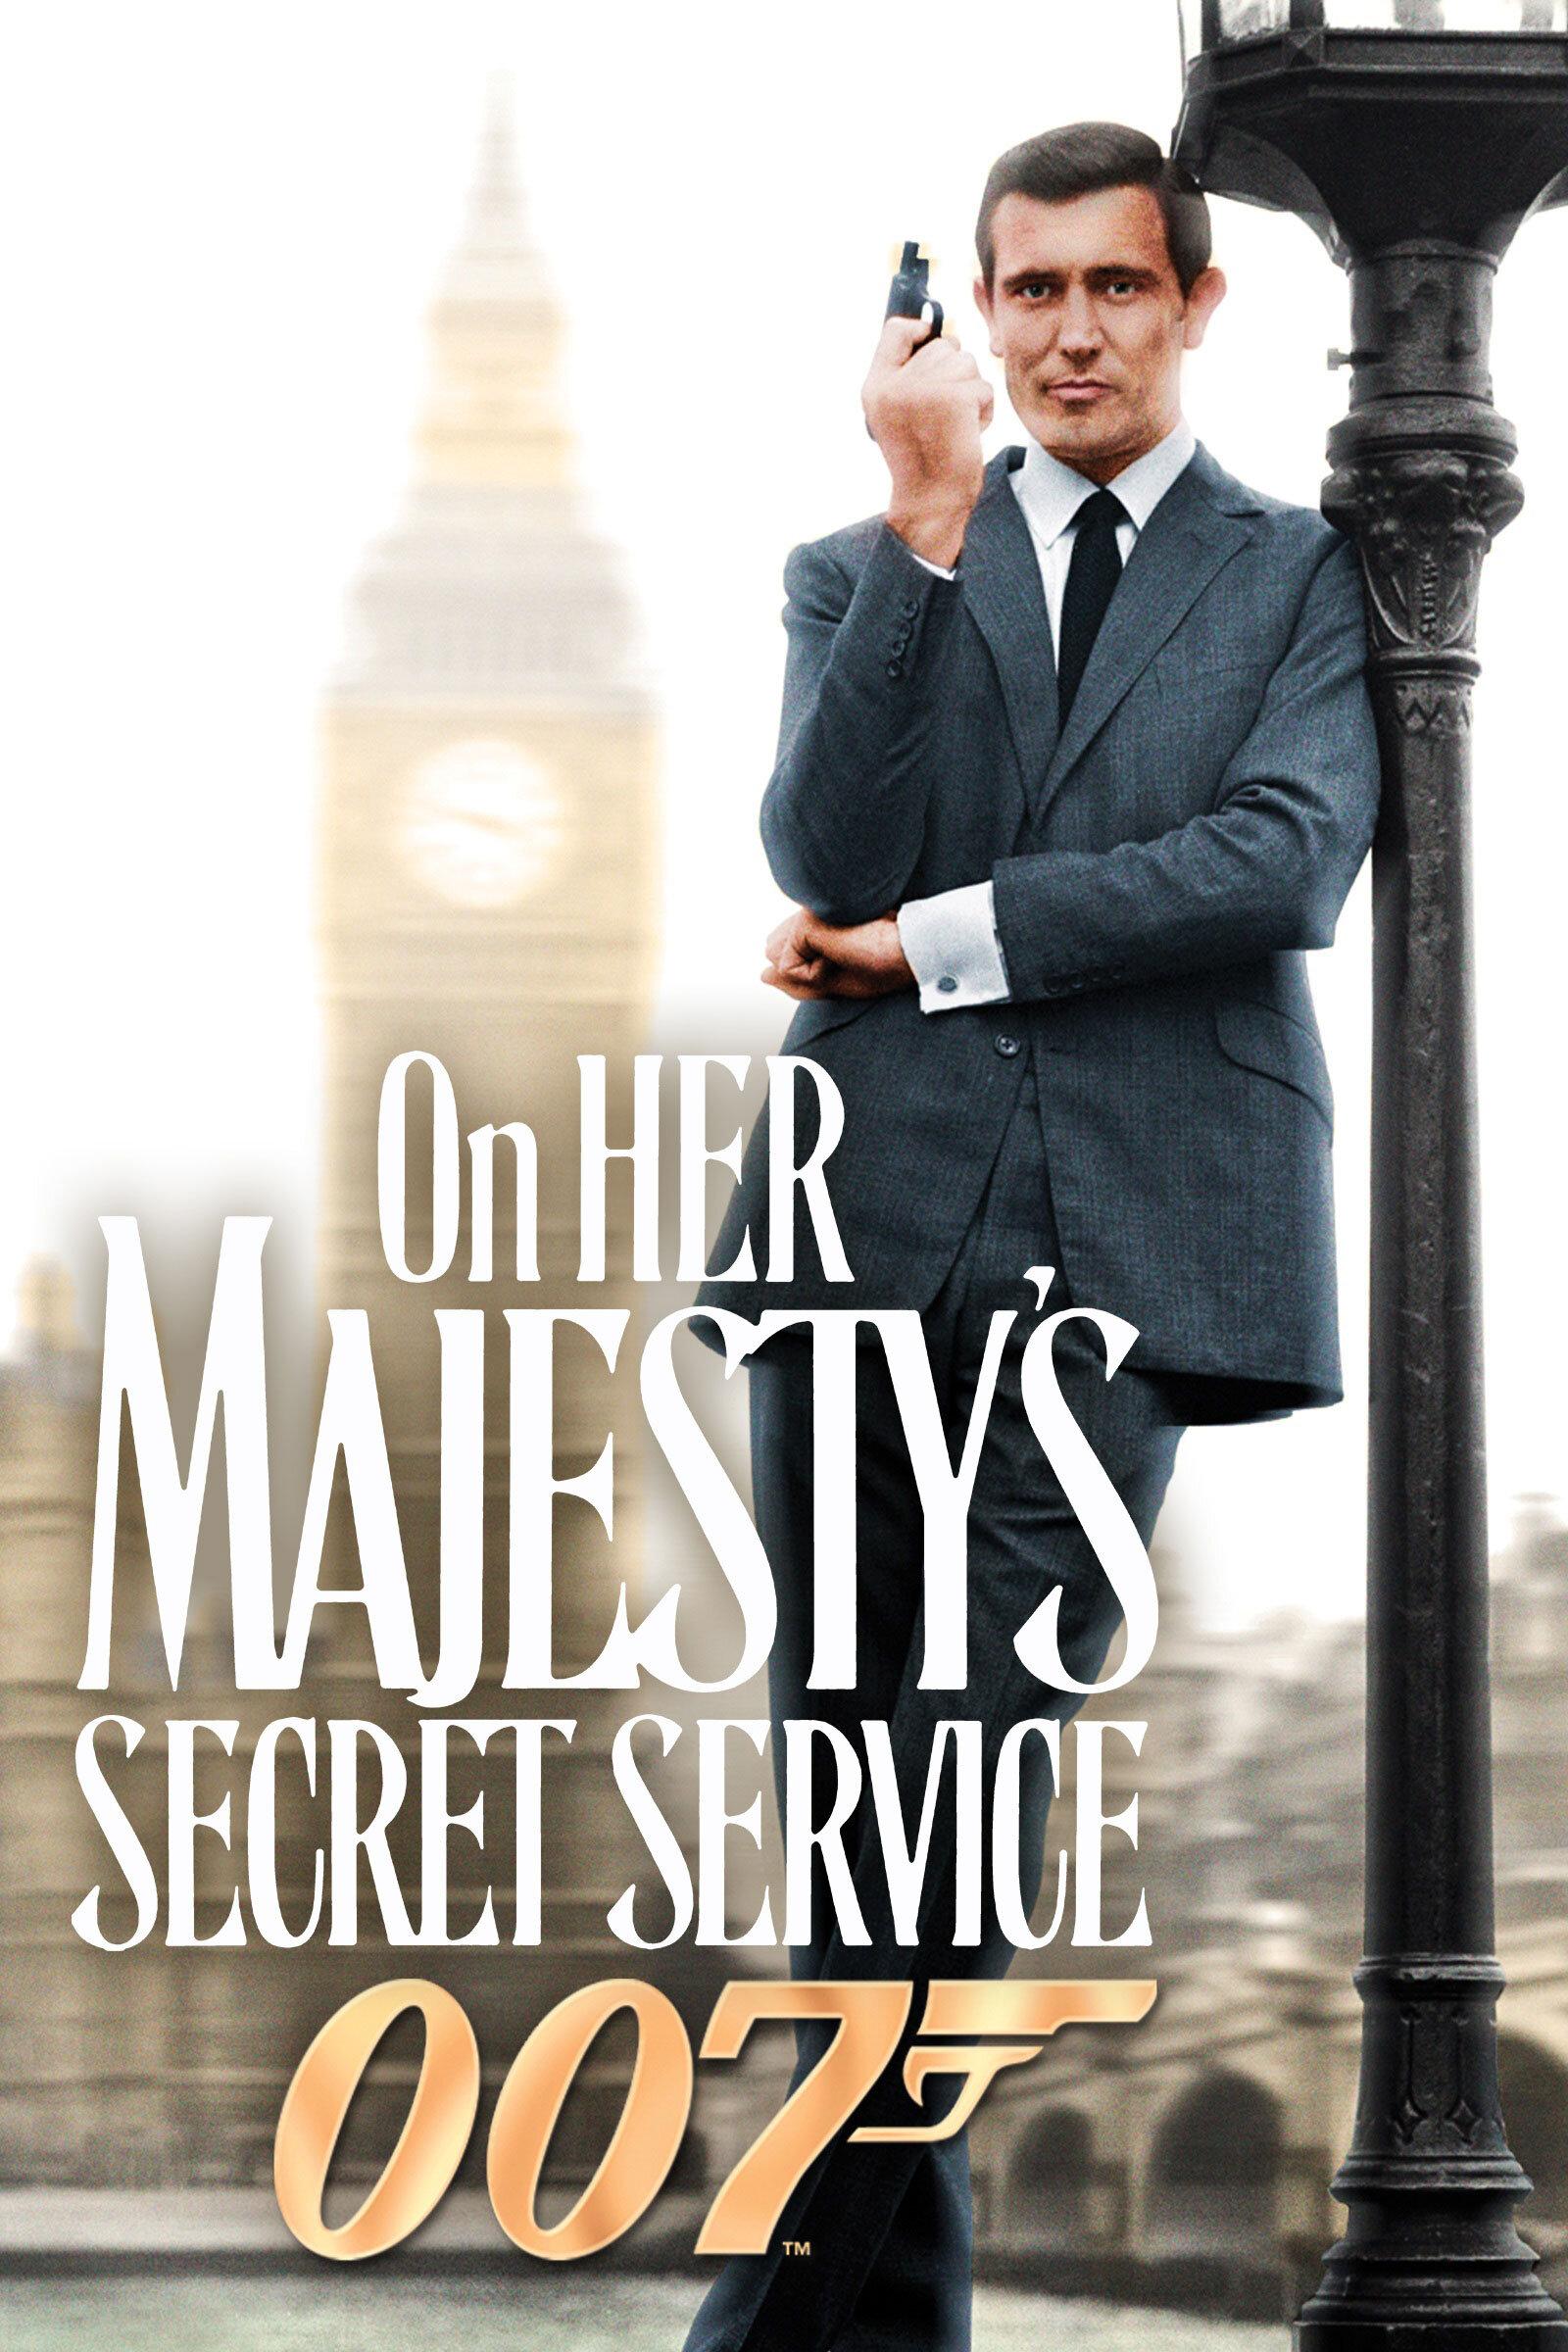 George Lazenby al Servicio Secreto de su Majestad